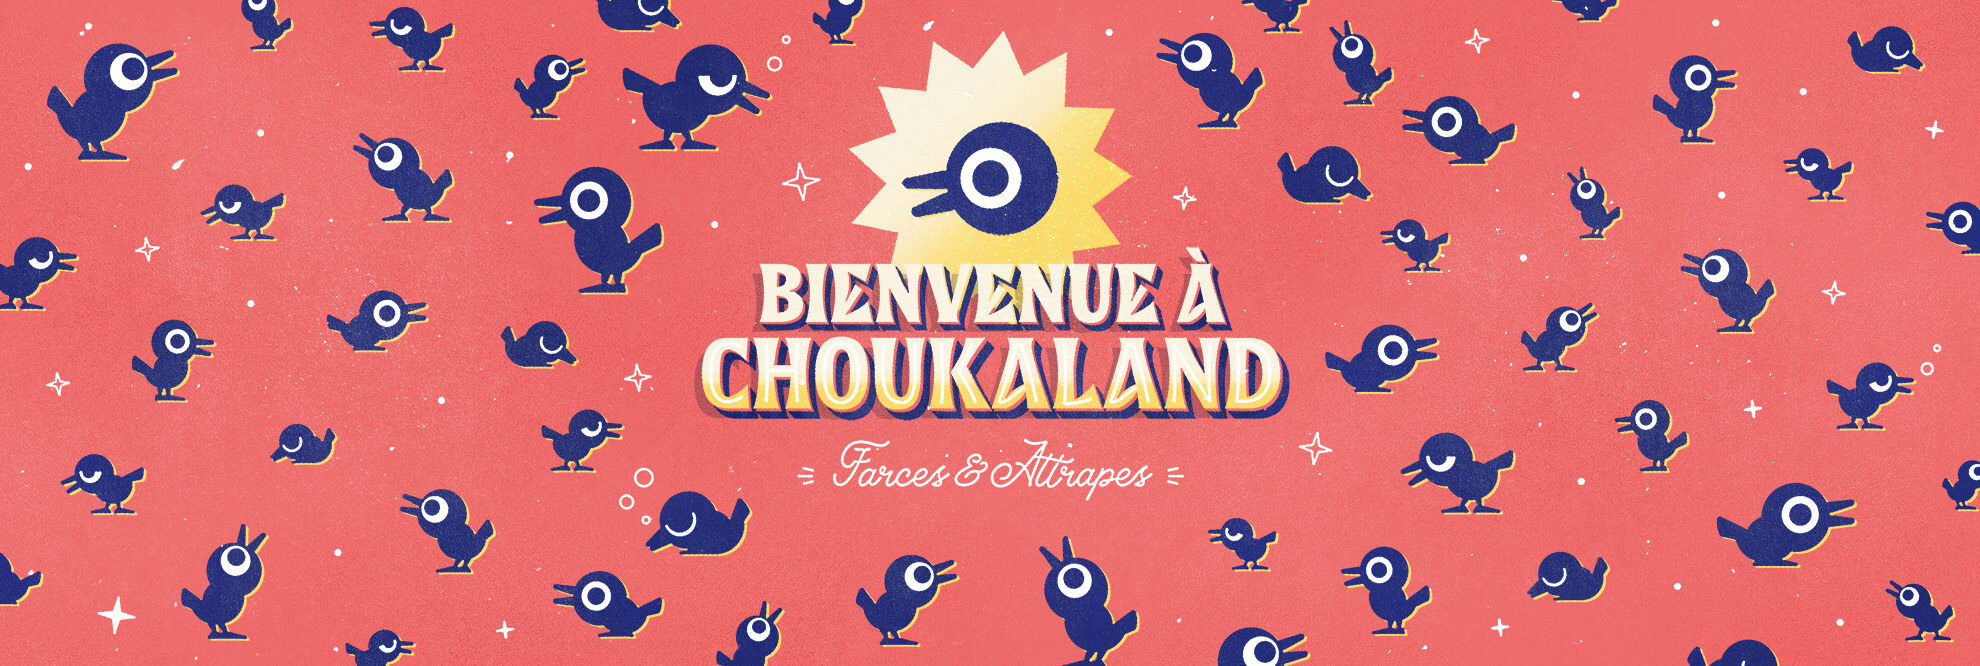 Choukaland-2000px-1